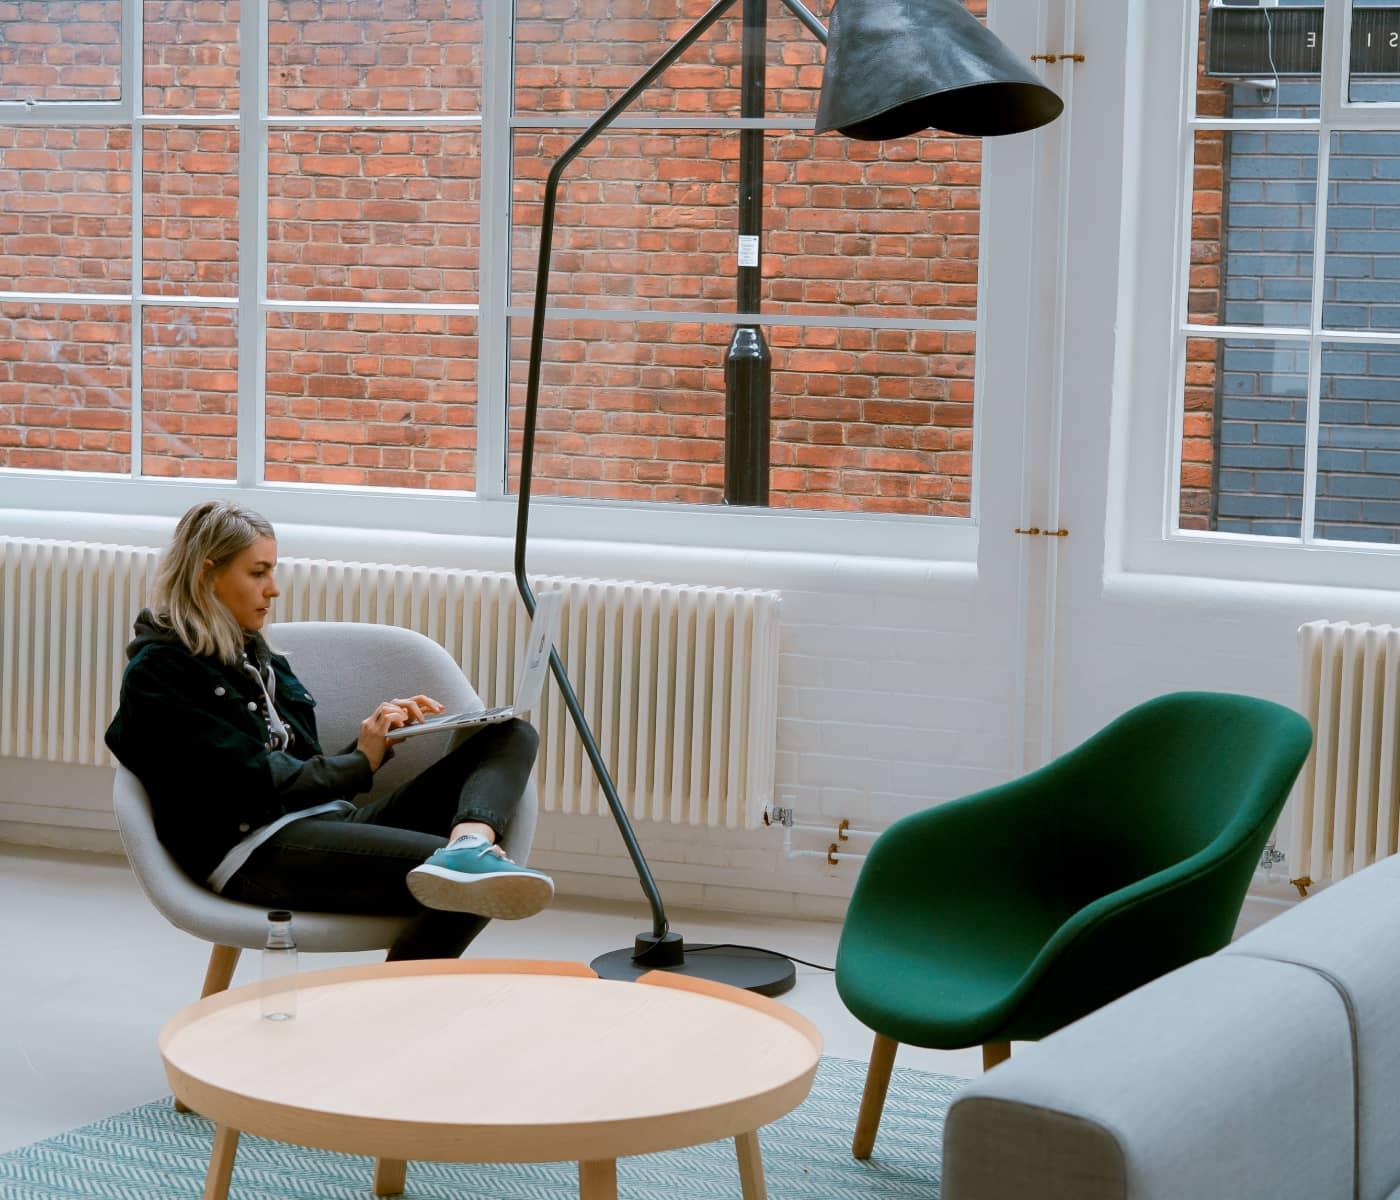 Bild eines Mädchens, das mit Laptop arbeitet